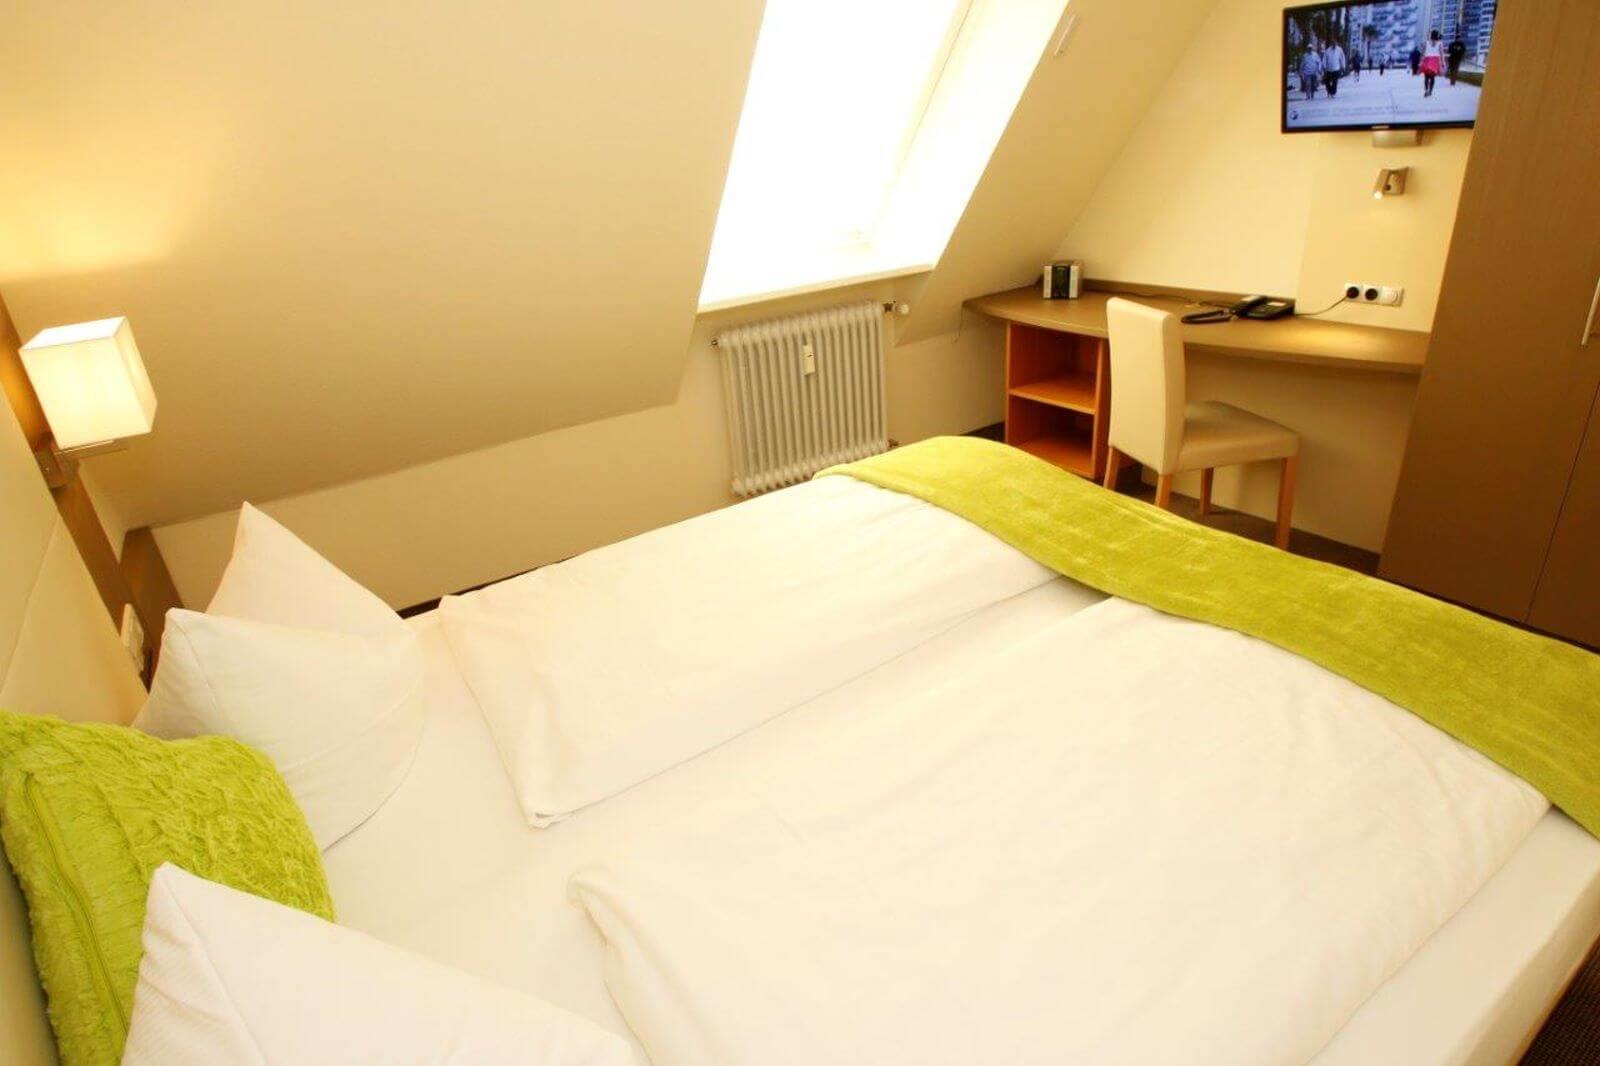 familienzimmer-suite-apartment-hotel-garni-pension-freiburg-cityhotel-innenstadt-guenstig (4)